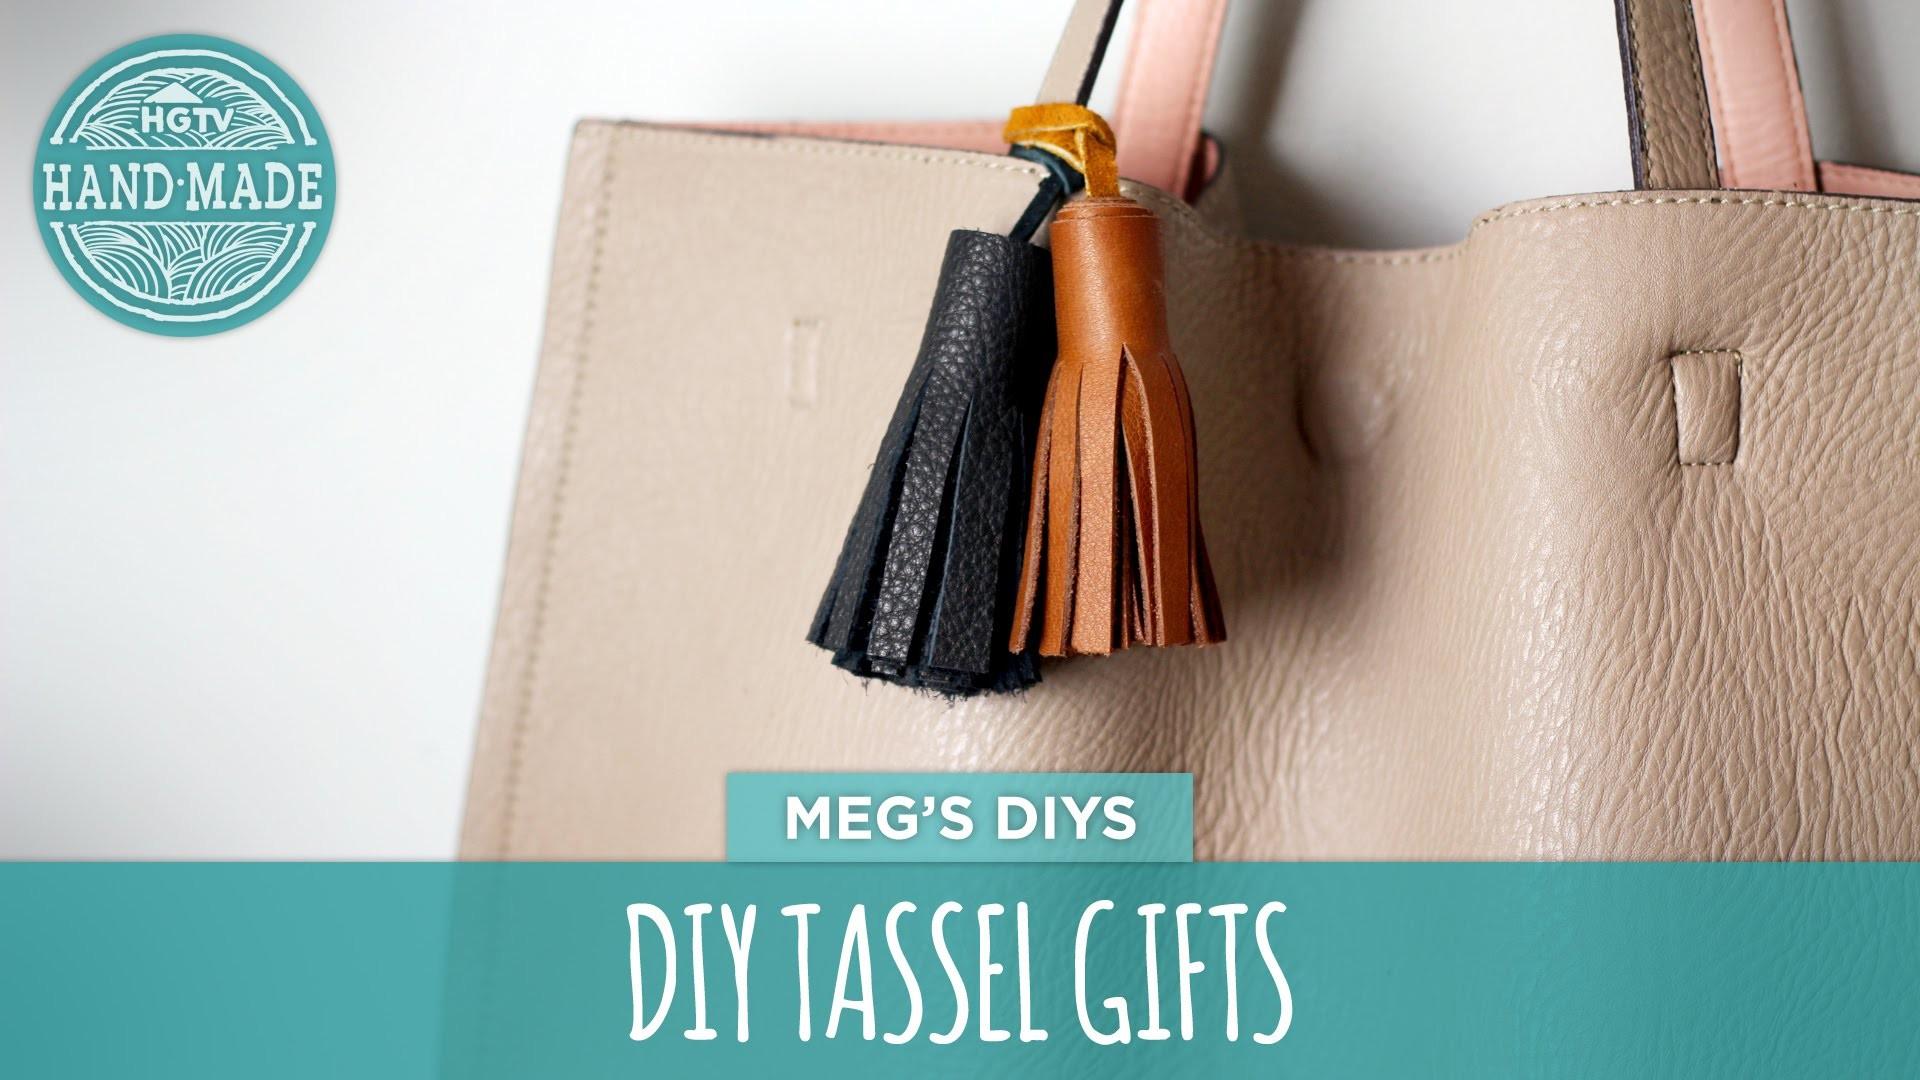 DIY Tassel Gifts- HGTV Handmade